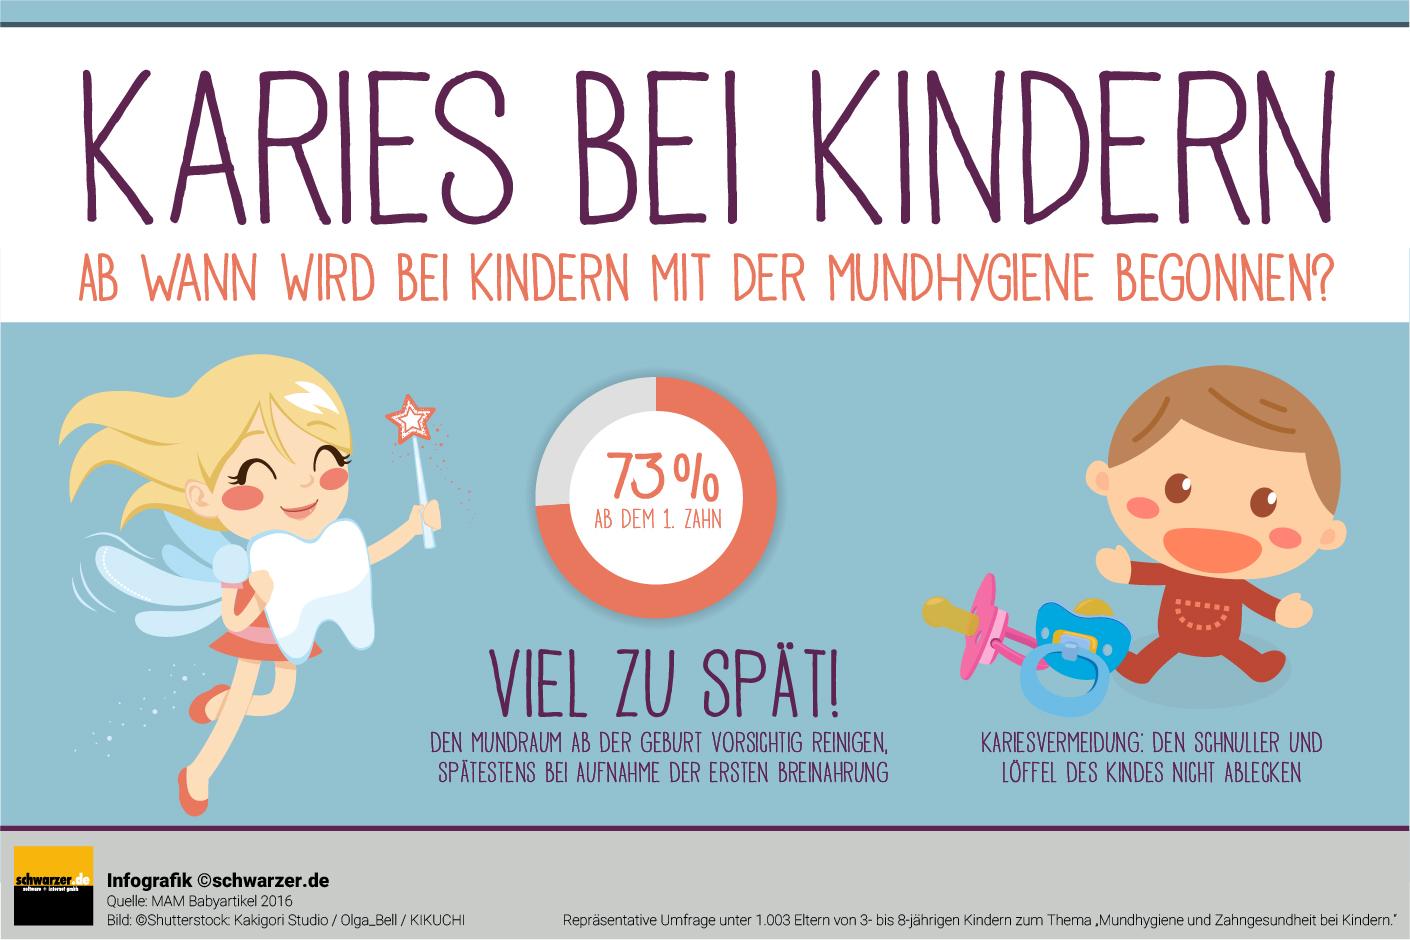 """Infografik: """"Karies bei Kindern"""" Ab wann wird bei Kindern mit der Mundhygiene begonnen. Was kann man tun, um Karies vorzubeugen?"""